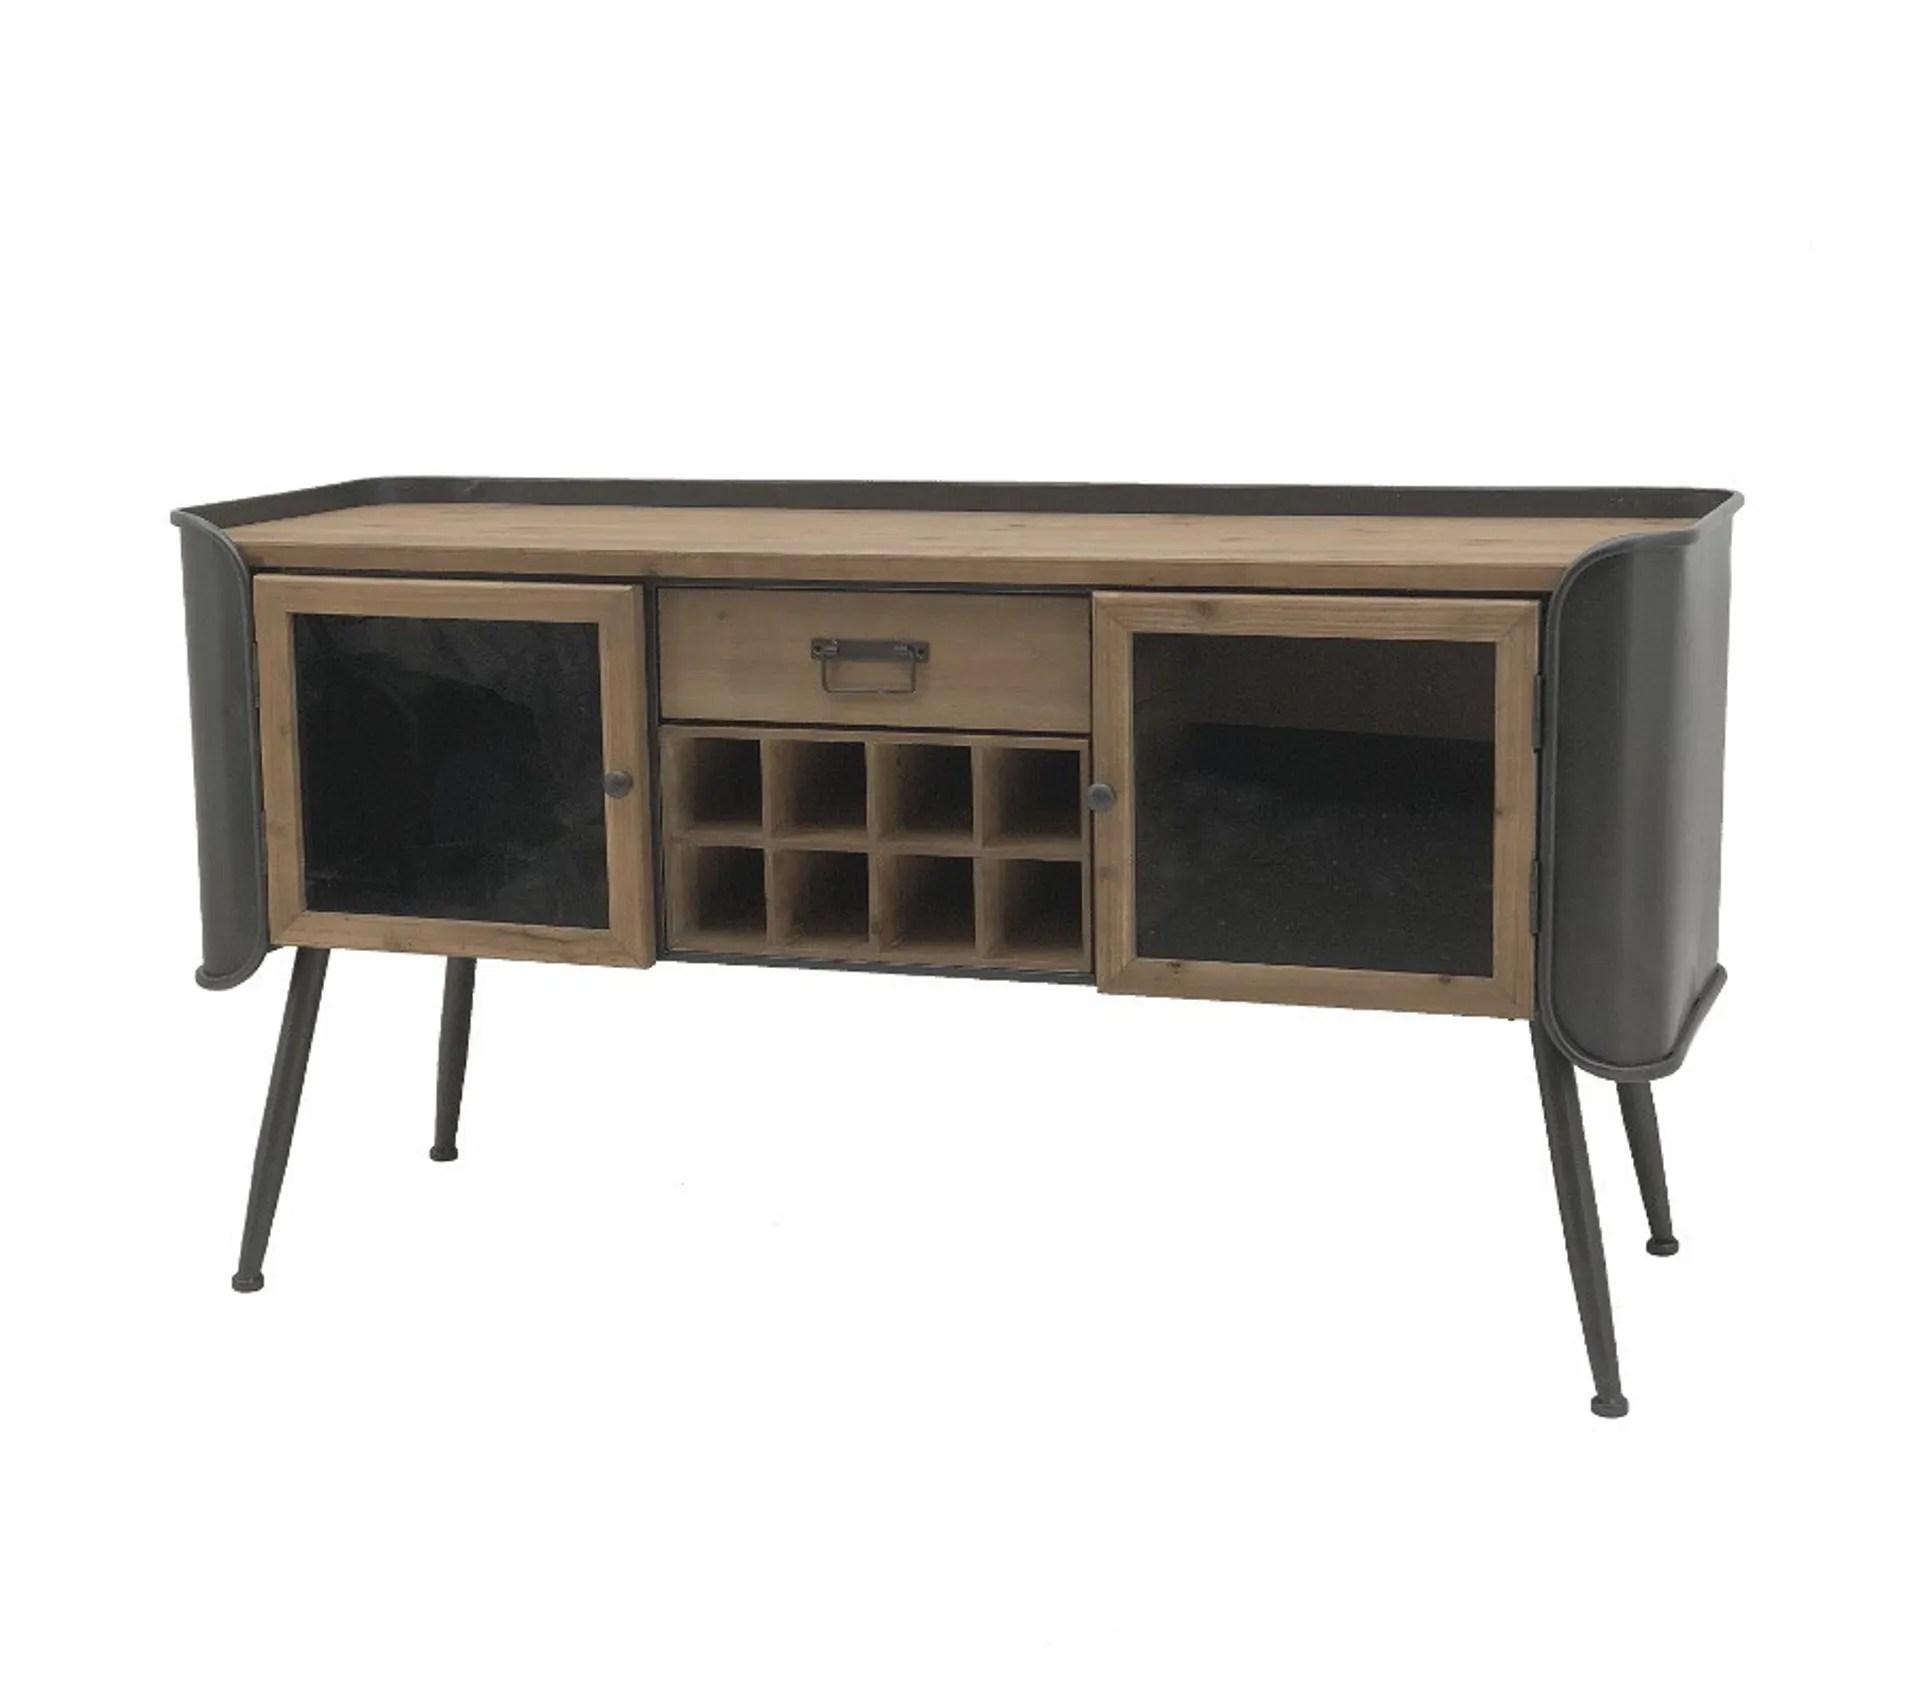 meuble bahut console tele tv industriel fer bois 144 50 cm x 76 cm